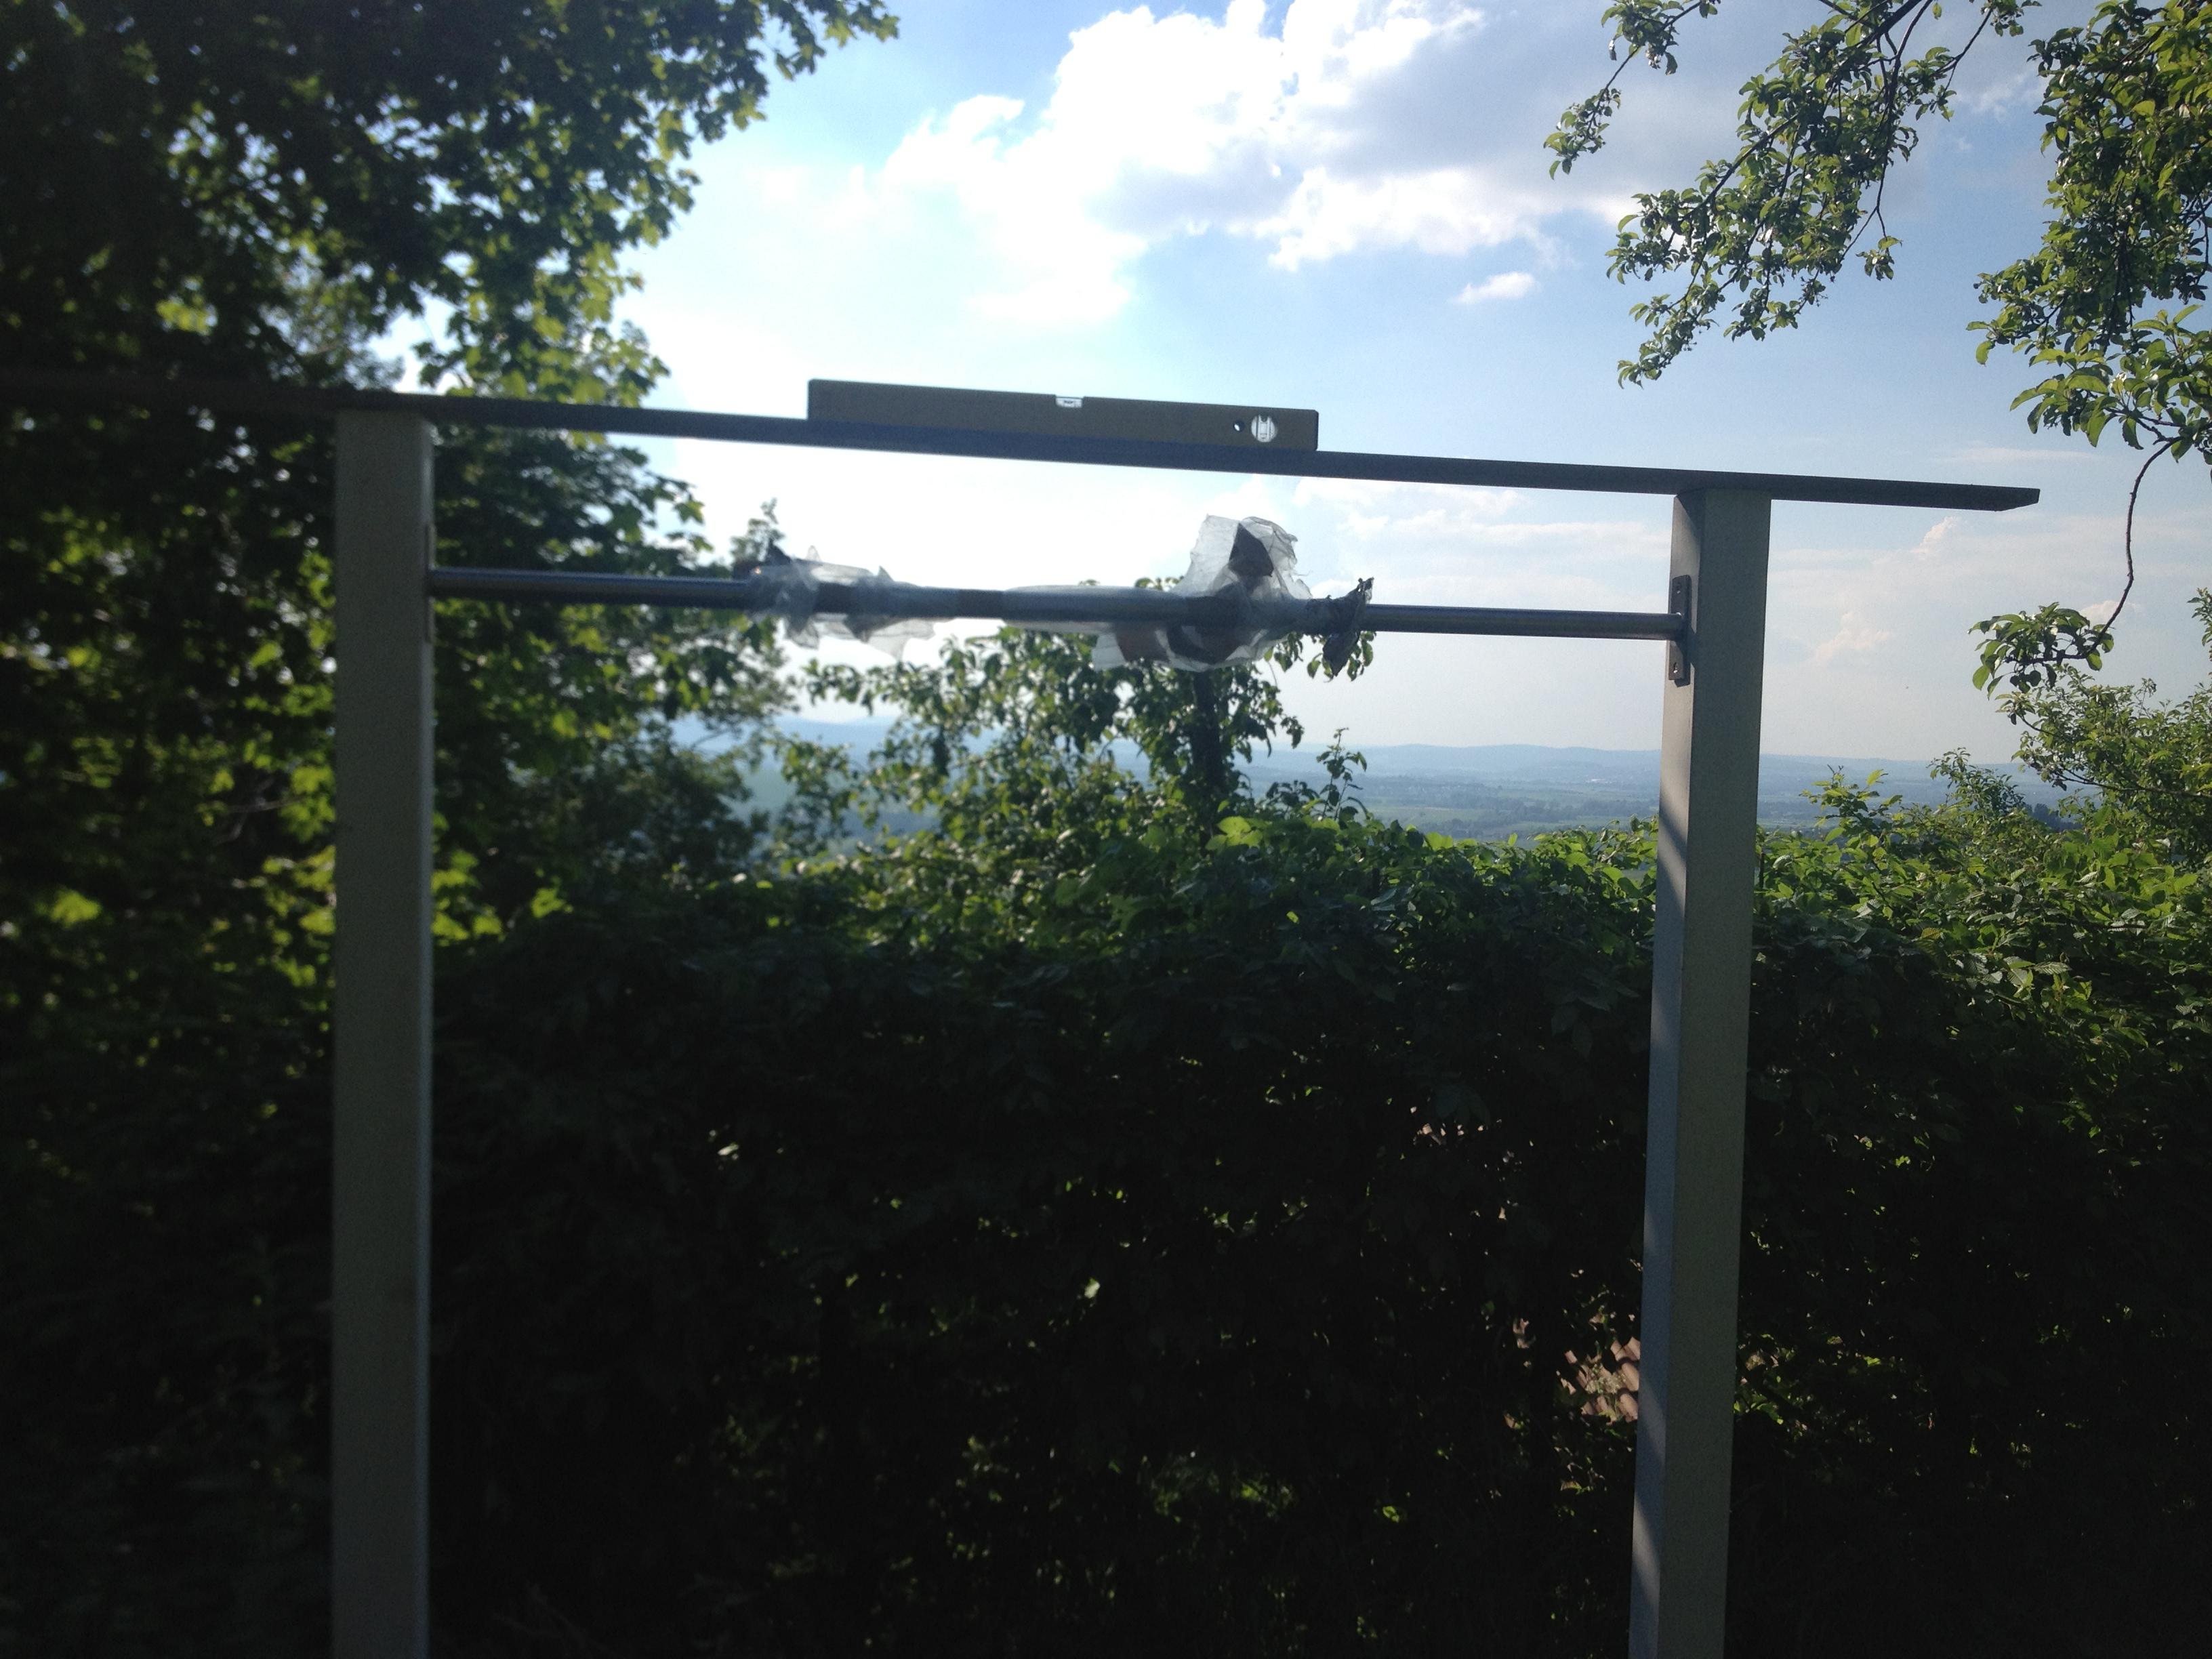 IMG_3628 Tolle Garten Sitzecke Selber Bauen Schema